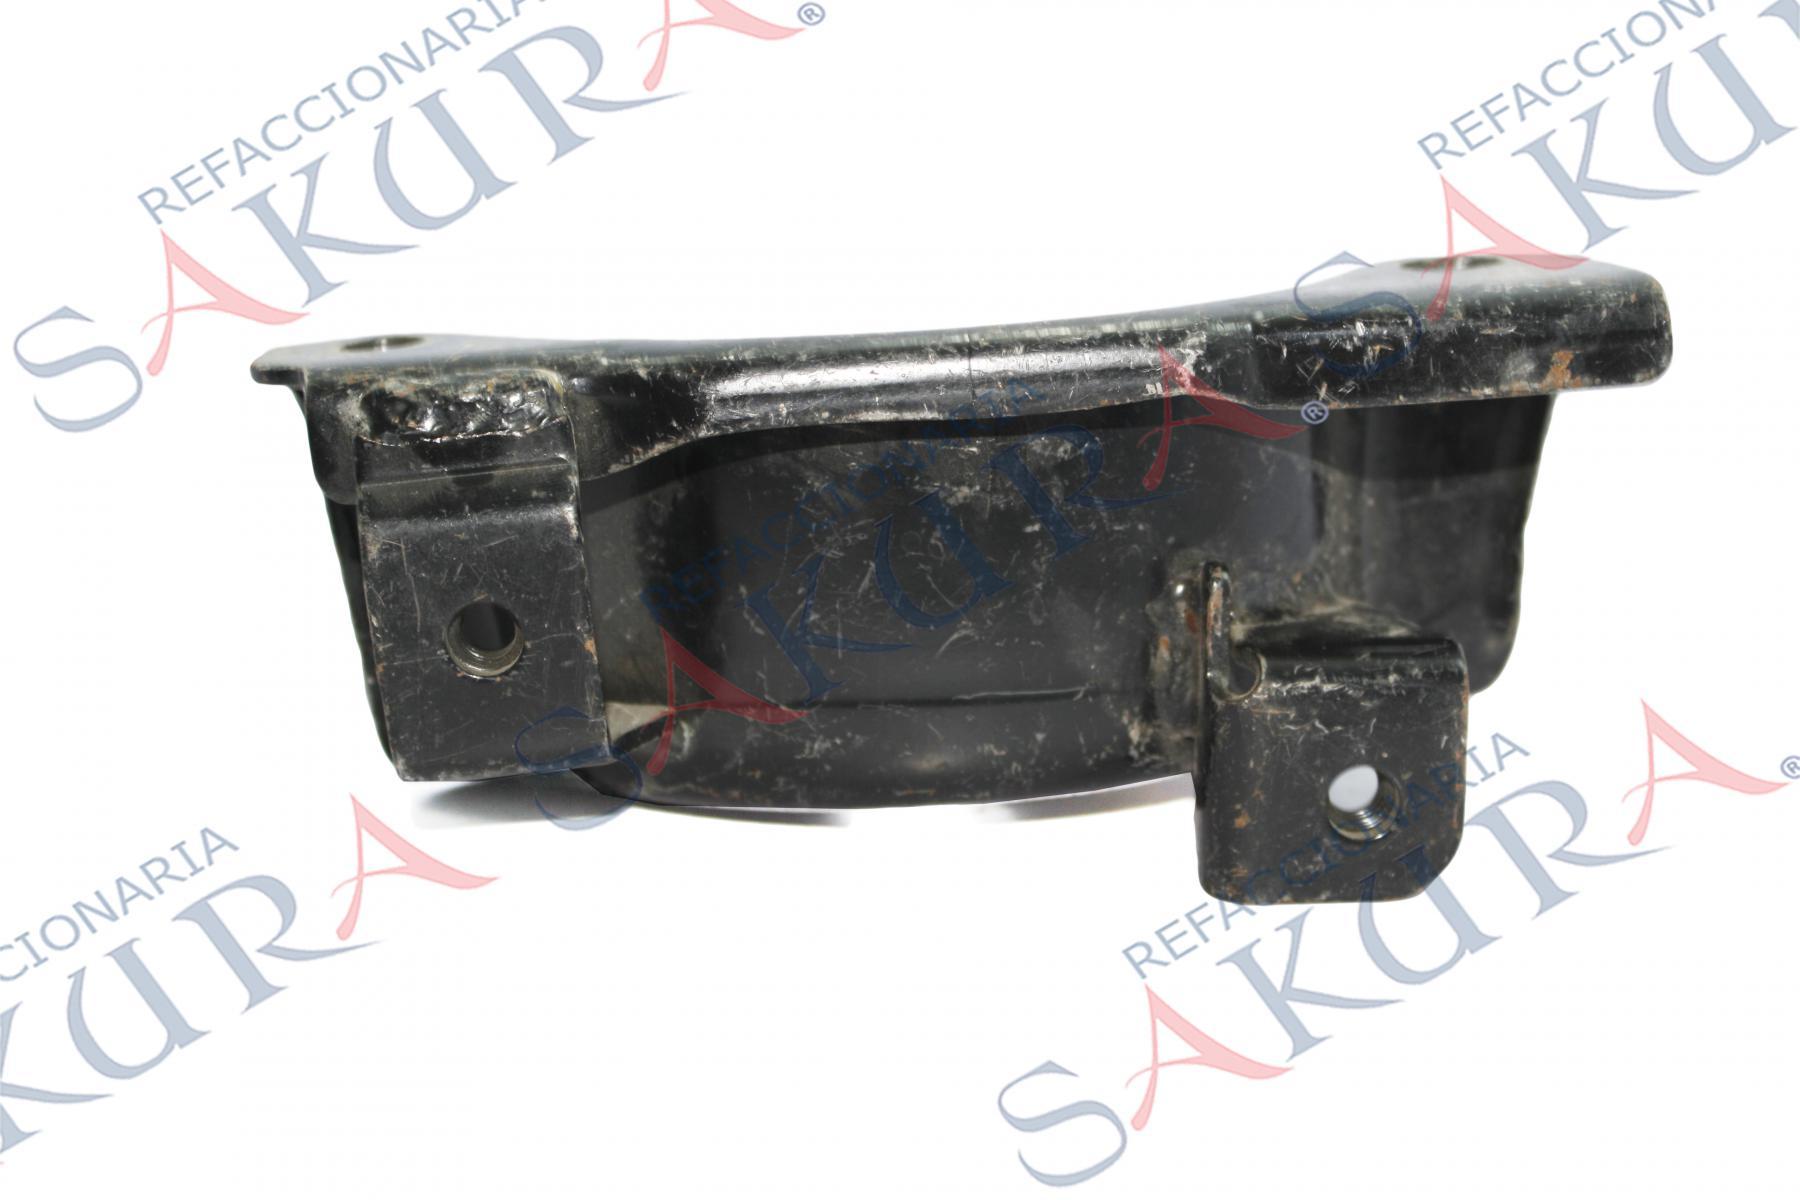 1125350Y11, Base Soporte Motor Inferior Trasero (Nissan)